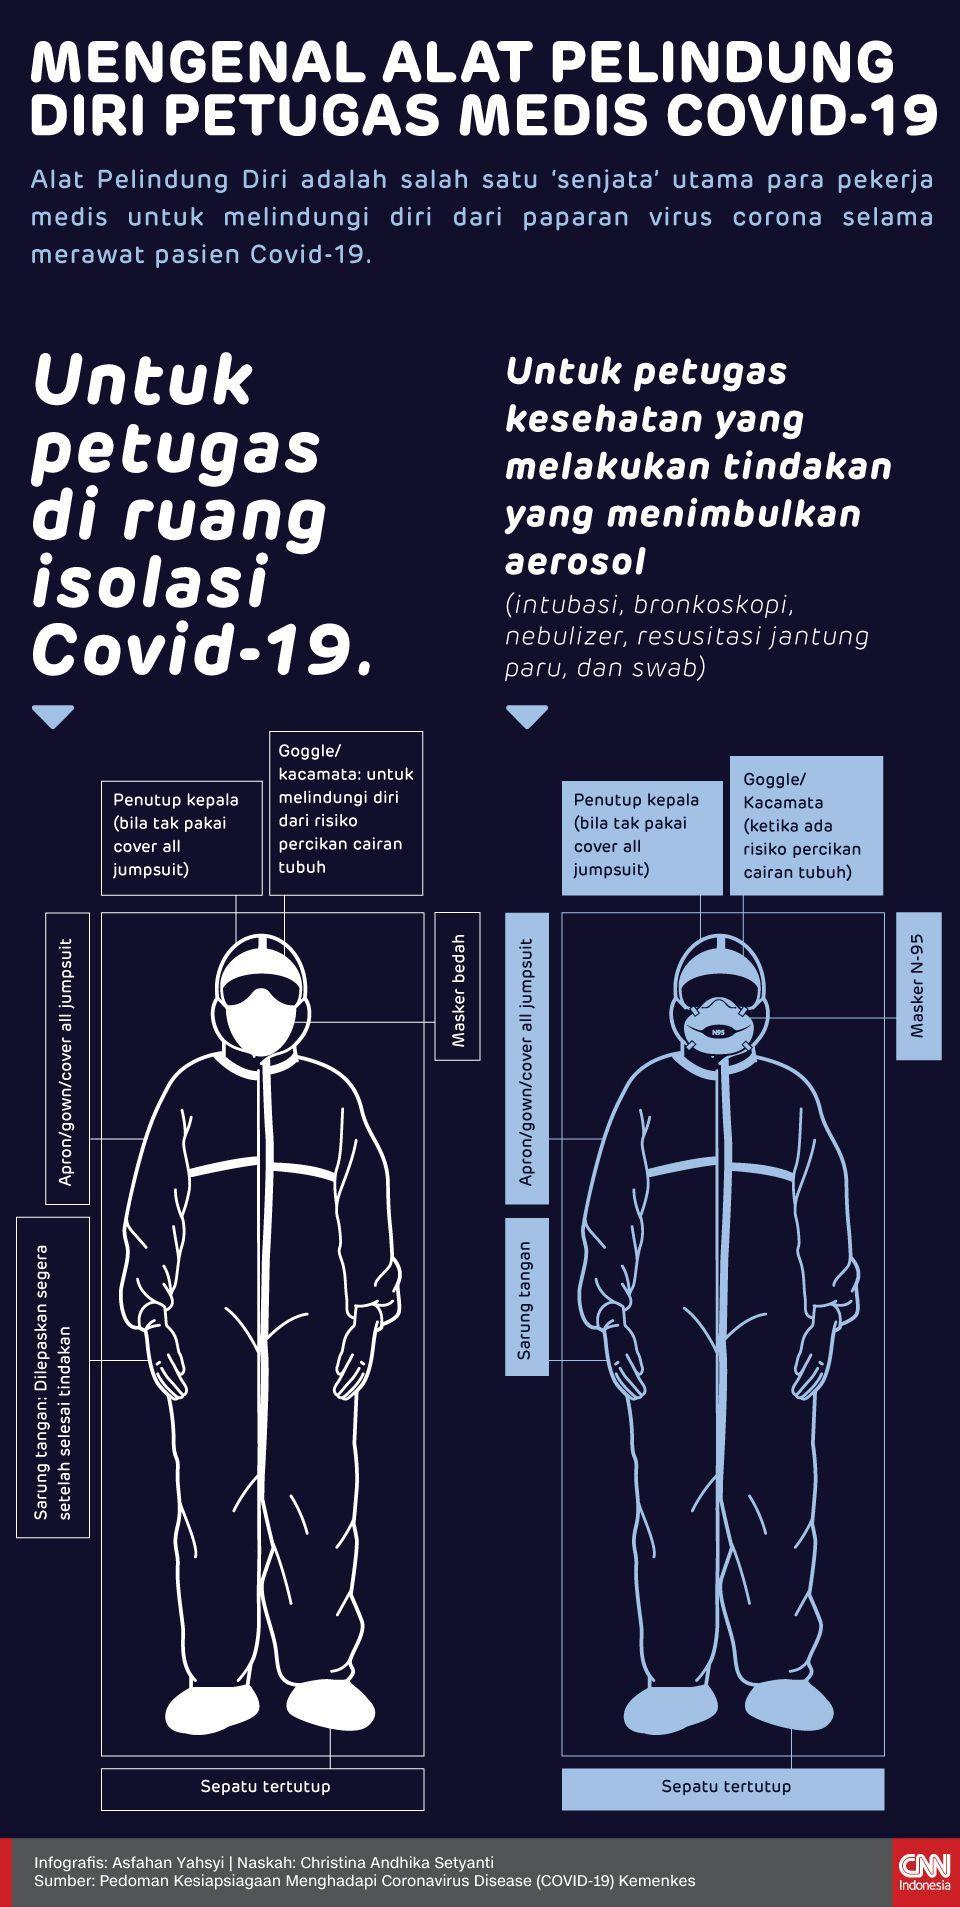 Infografis Mengenal Alat Pelindung Diri Petugas Medis Covid-19